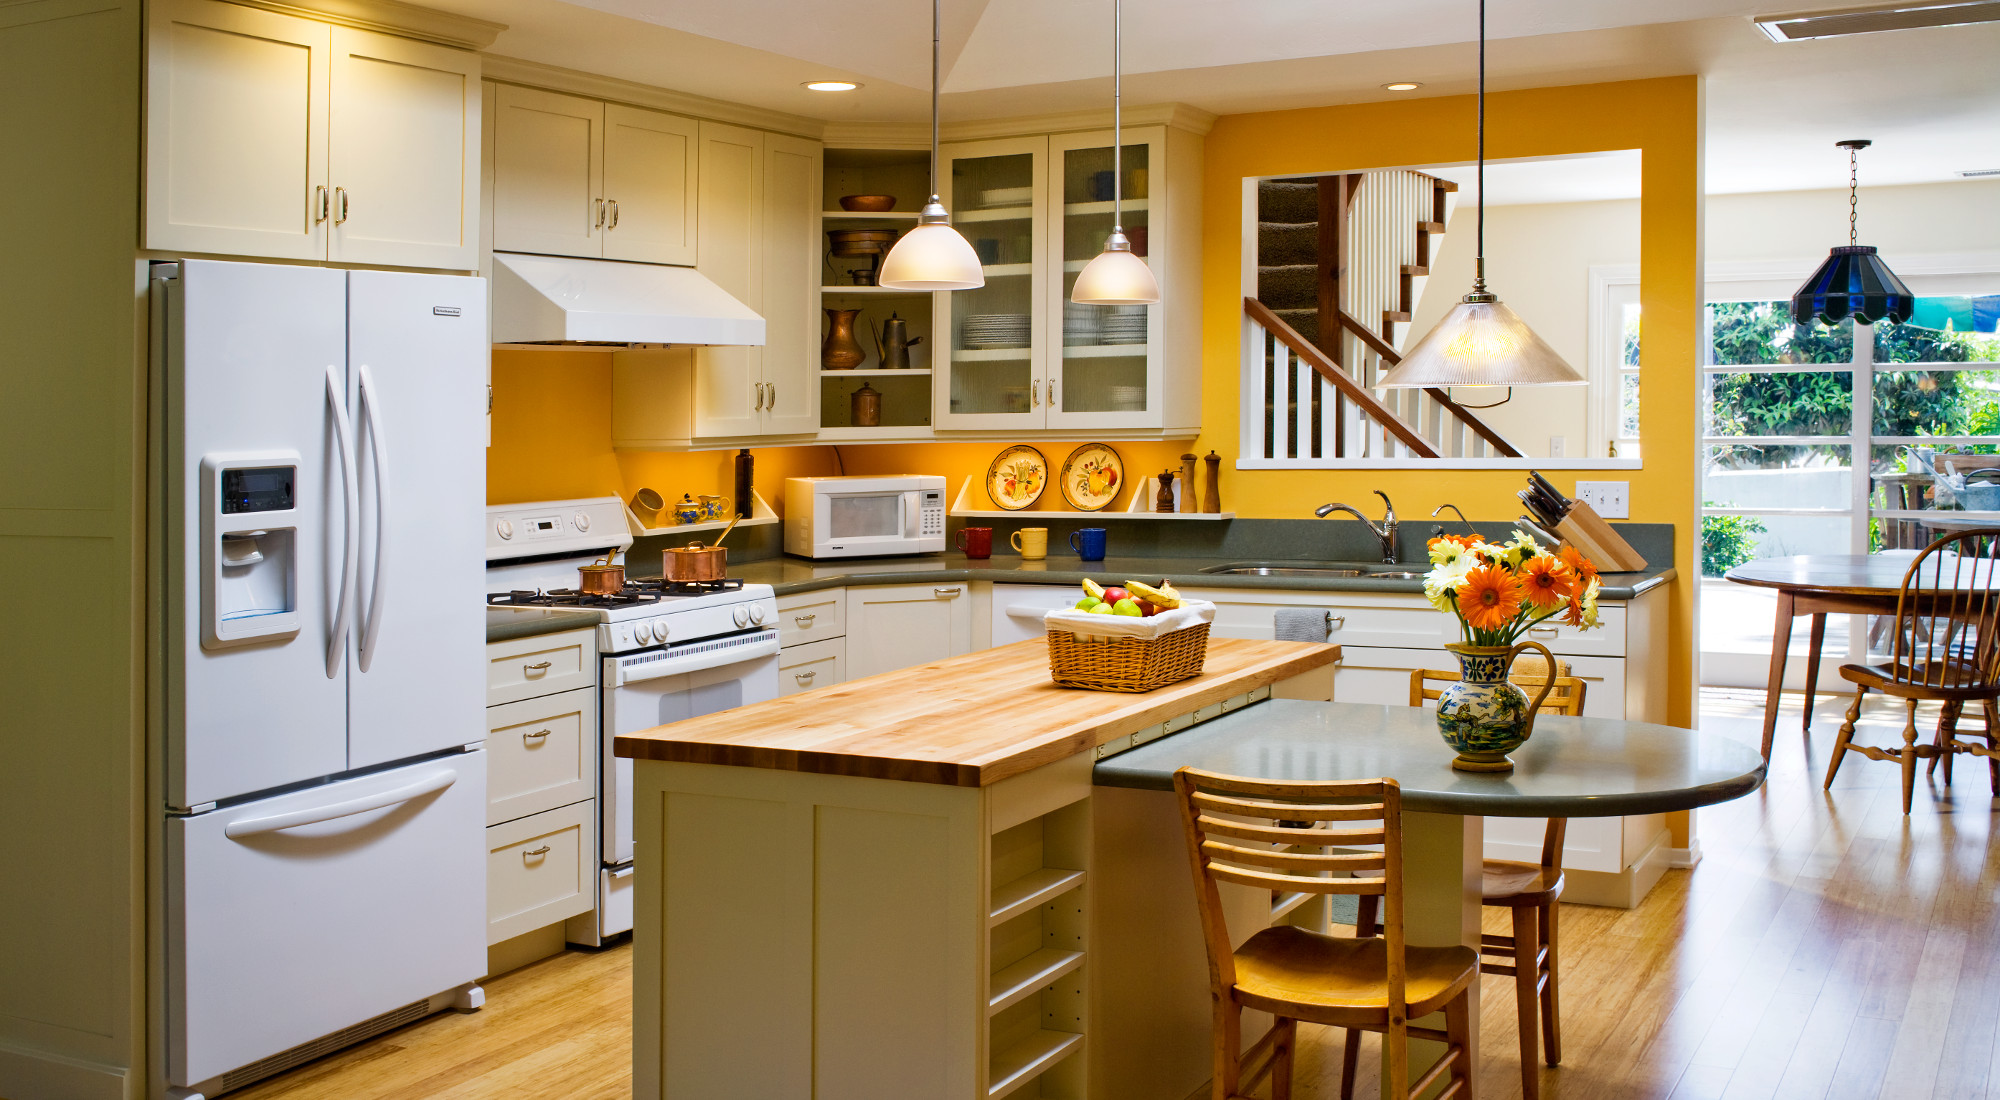 Home-11 Hahka White Kitchens